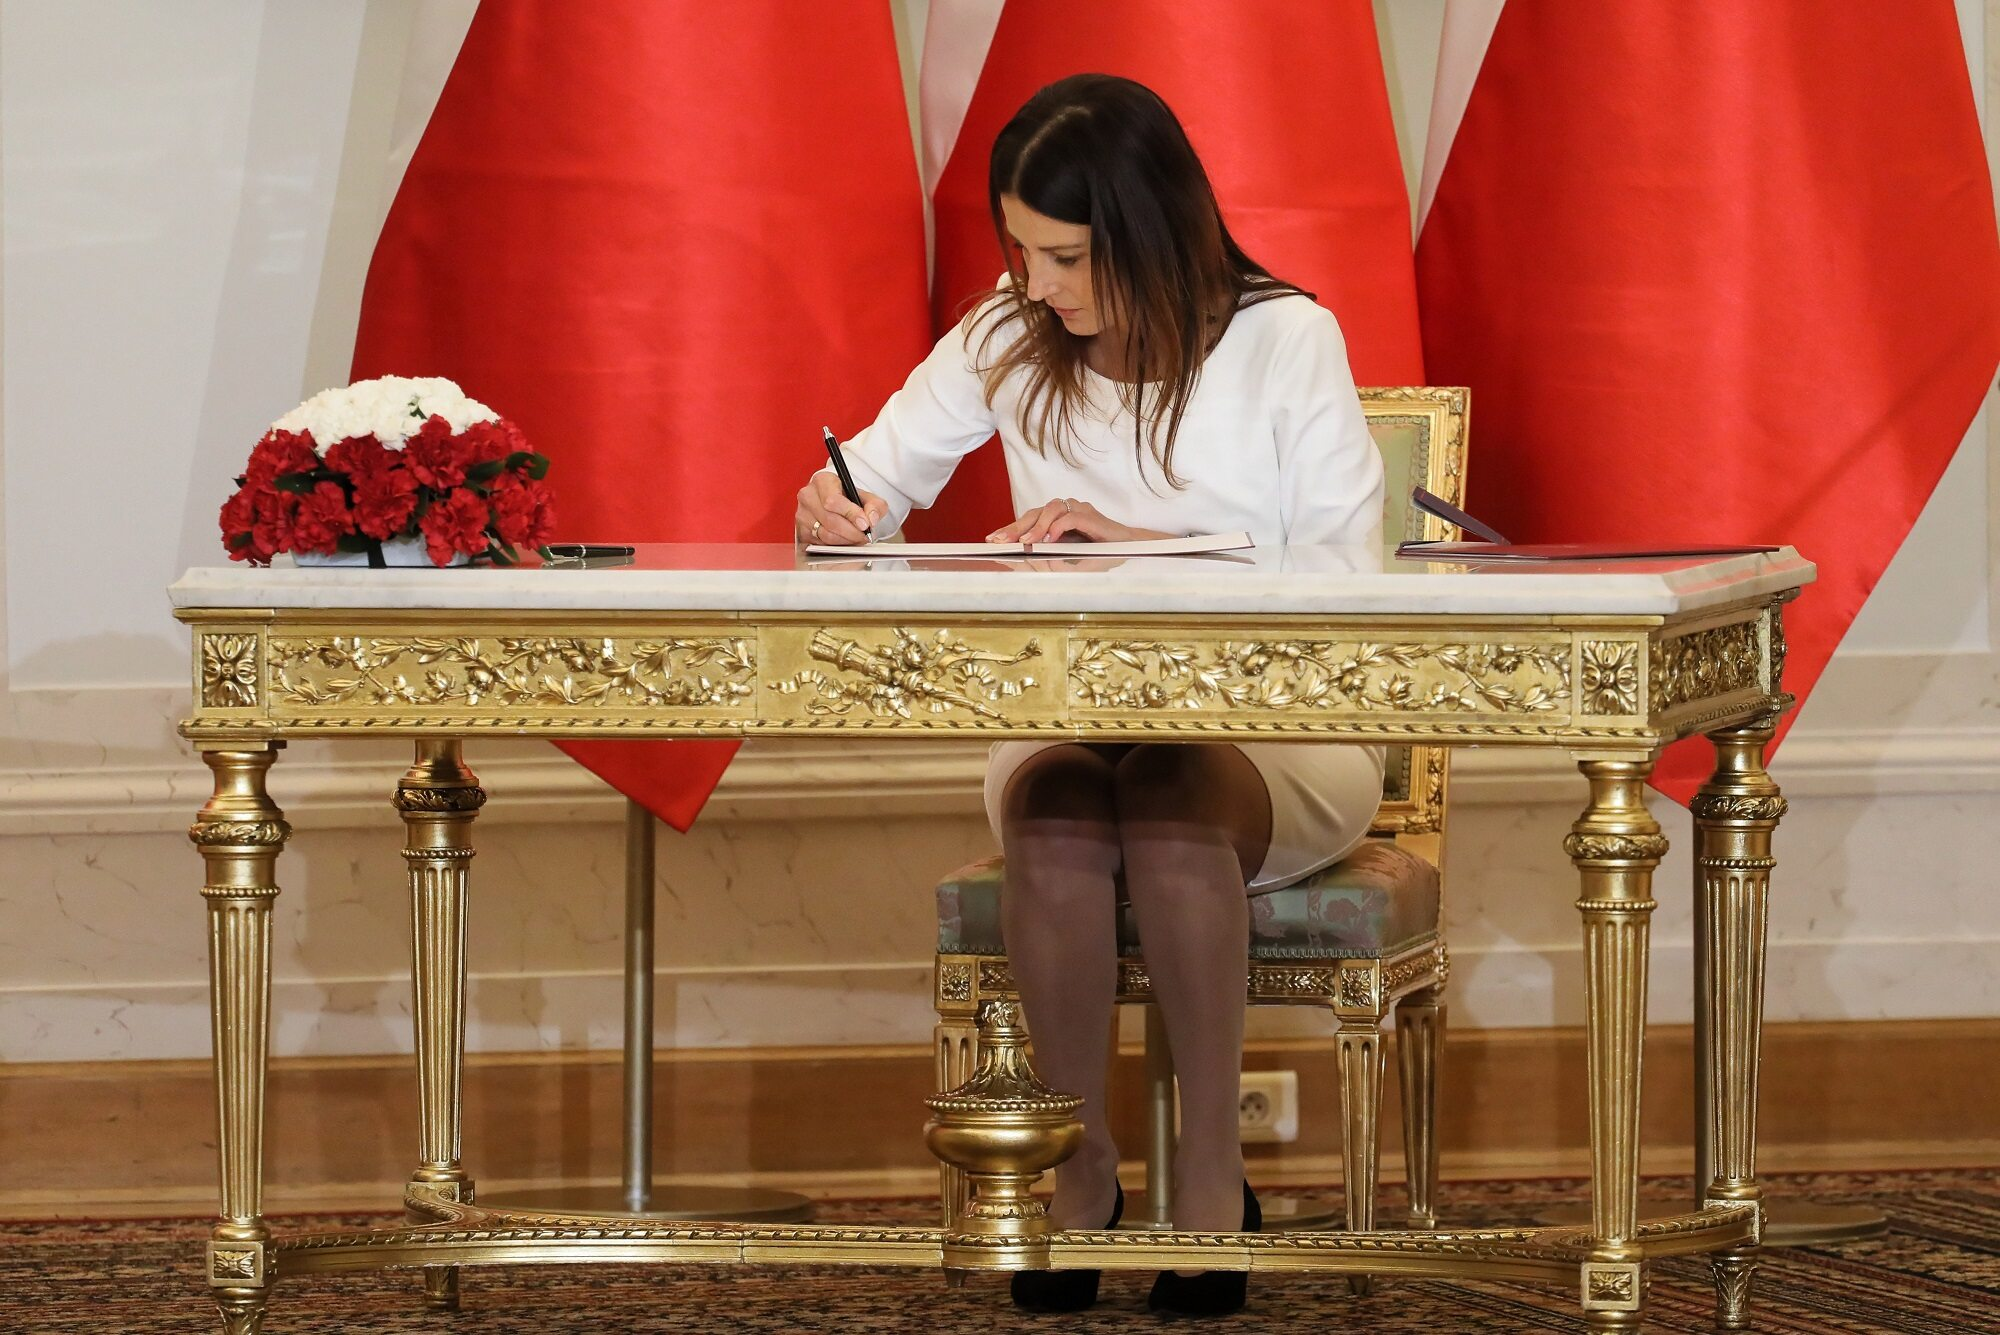 Nowa minister sportu Danuta Dmowska-Andrzejuk podczas uroczystości w Pałacu Prezydenckim w Warszawie.